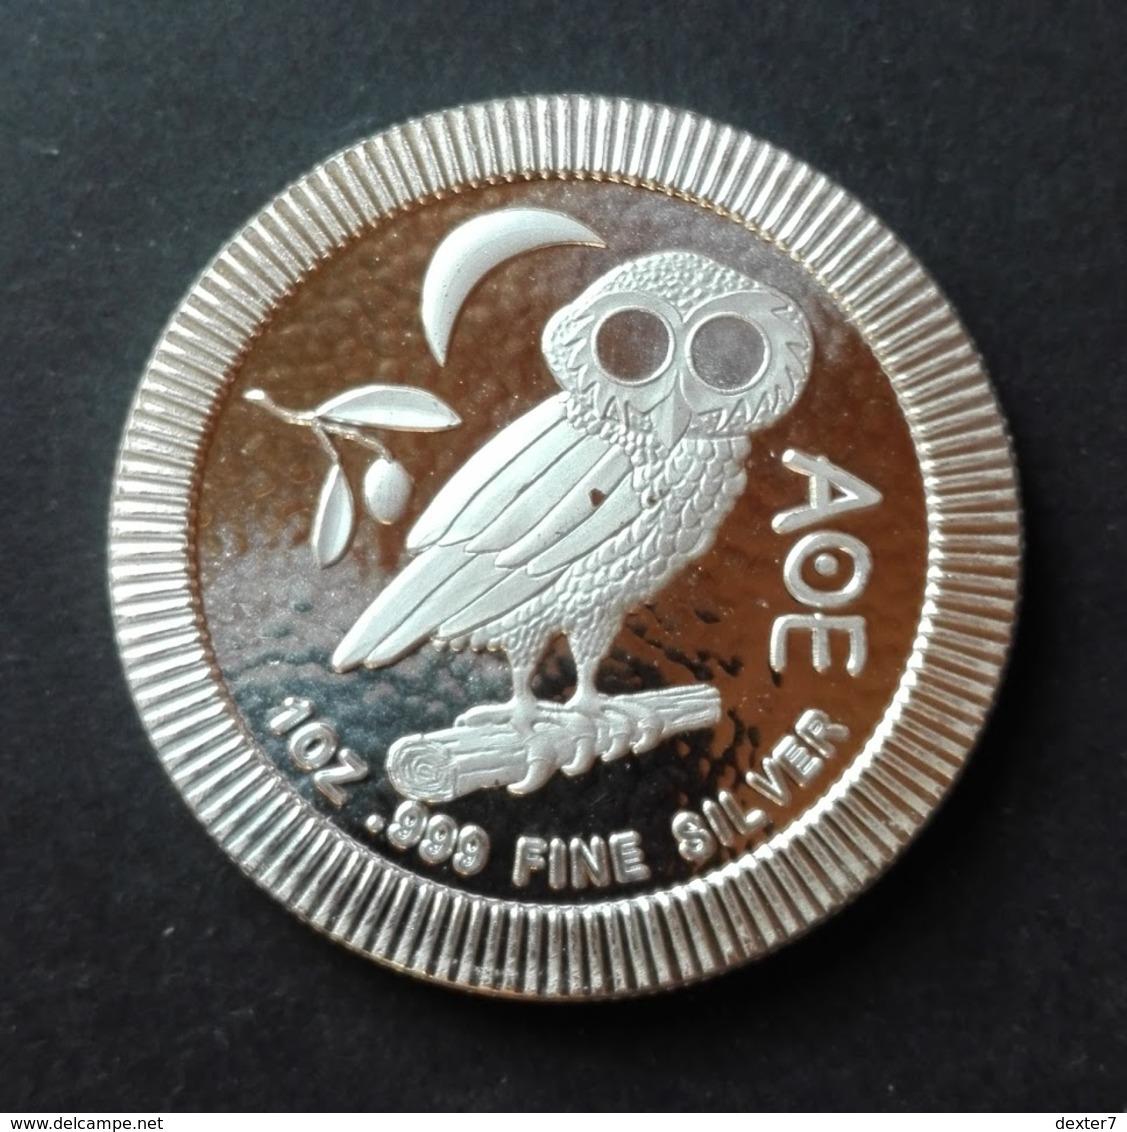 Niue, Athenan Owl 1 Oz 2017 Silver 999 - 1 Oncia Argento Puro Bullion - Niue